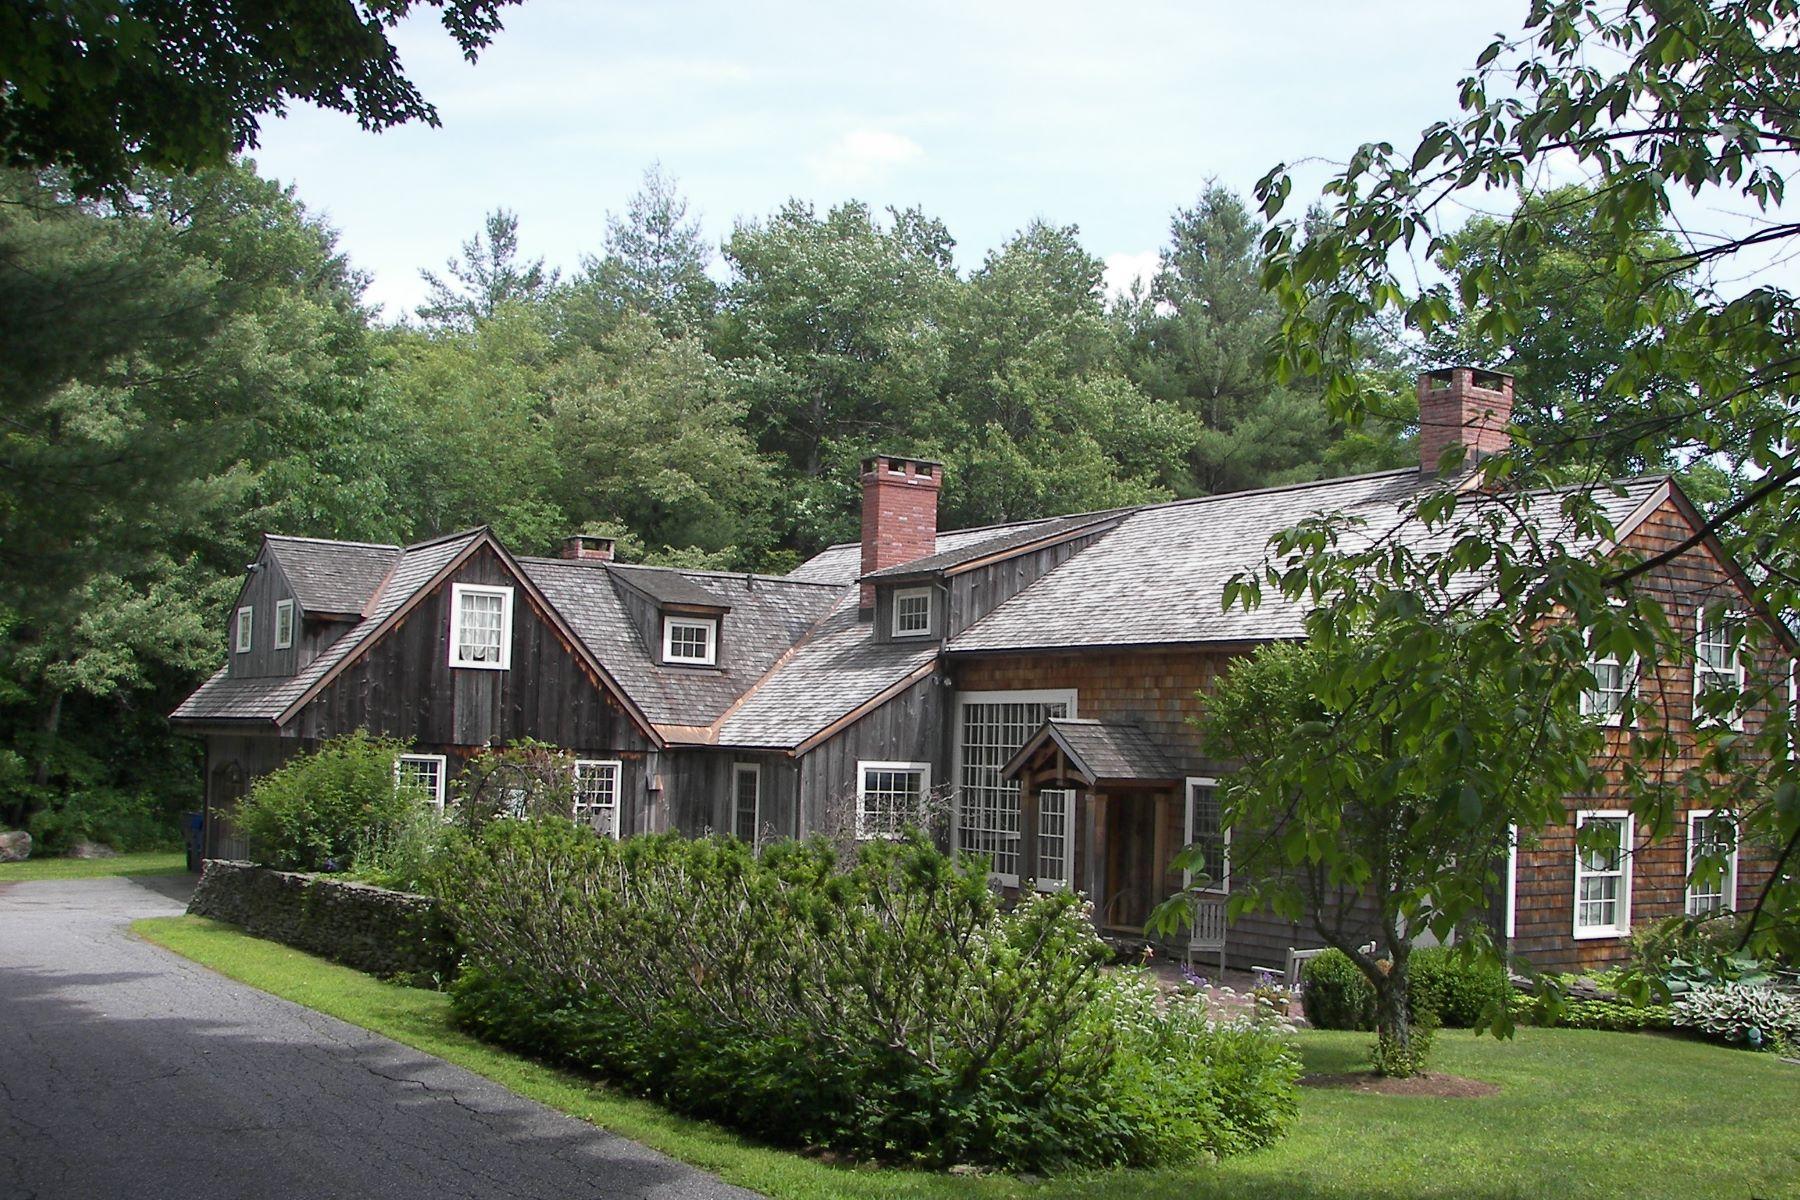 Maison unifamiliale pour l Vente à Classic 1899 Antique Barn Home 58 Saw Mill Rd Litchfield, Connecticut, 06759 États-Unis